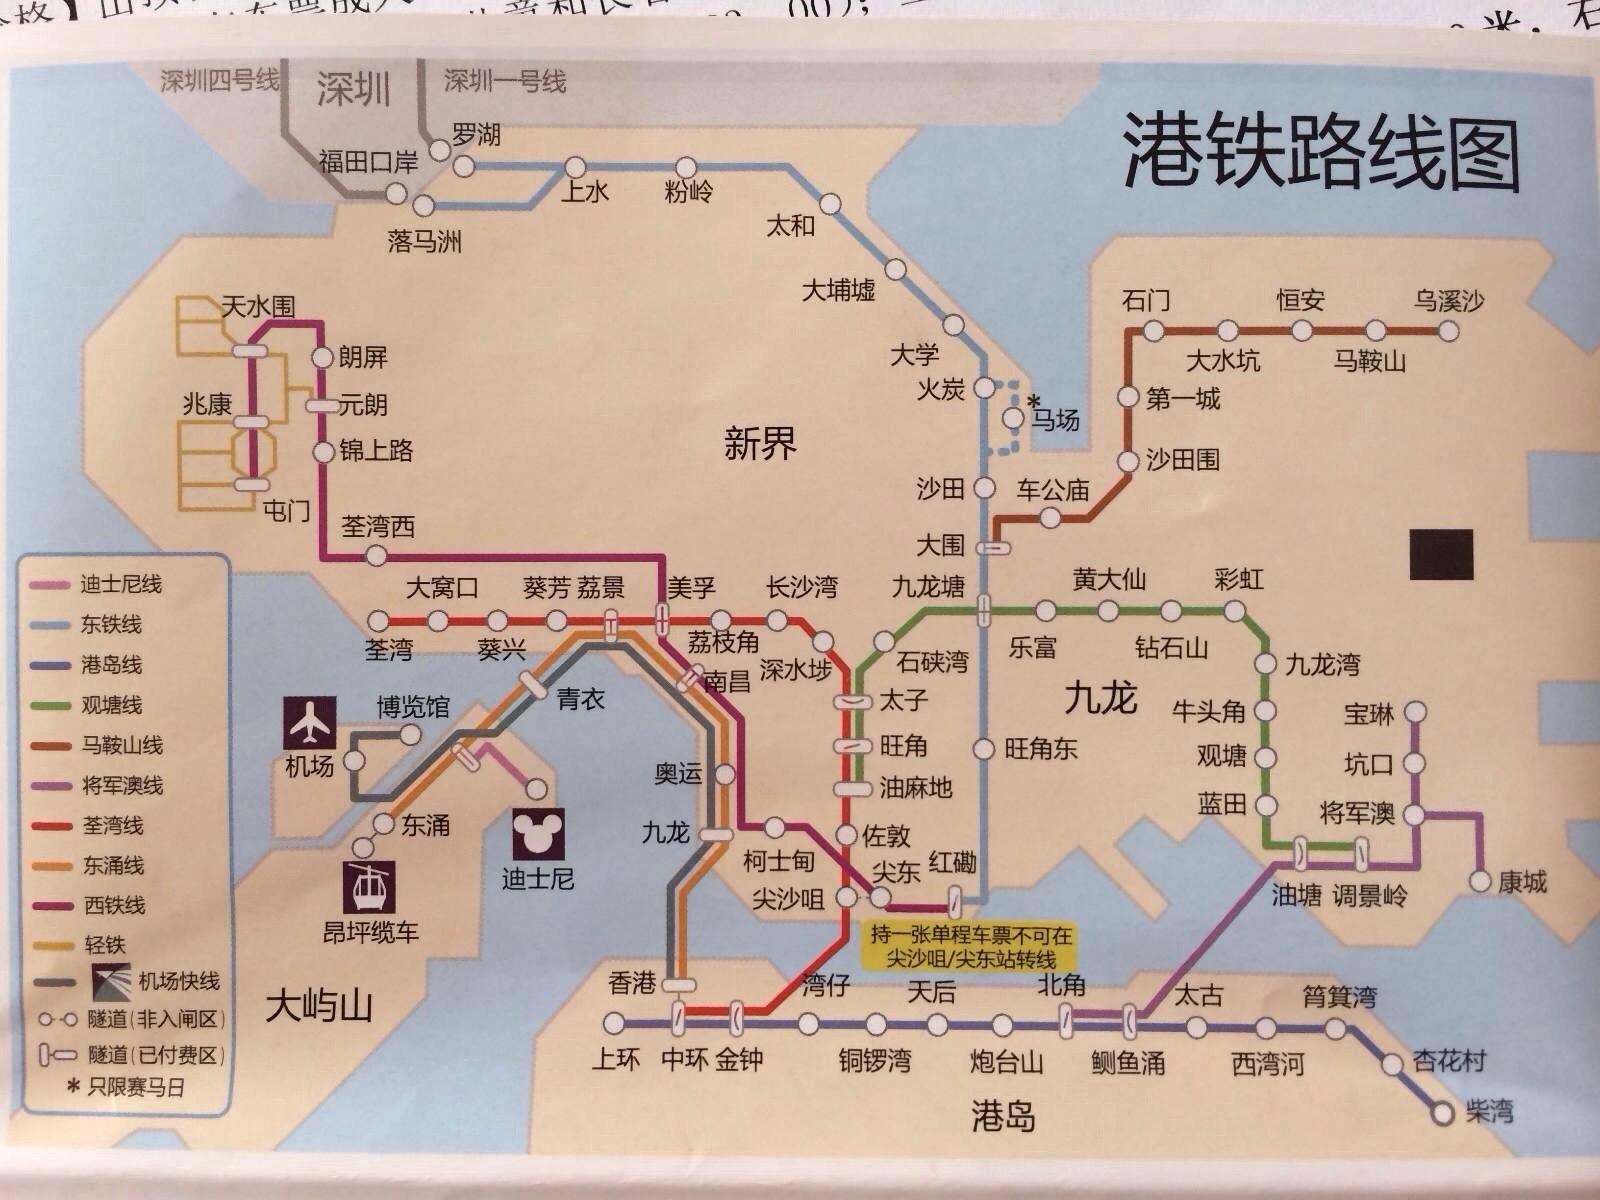 旅行路线图手绘